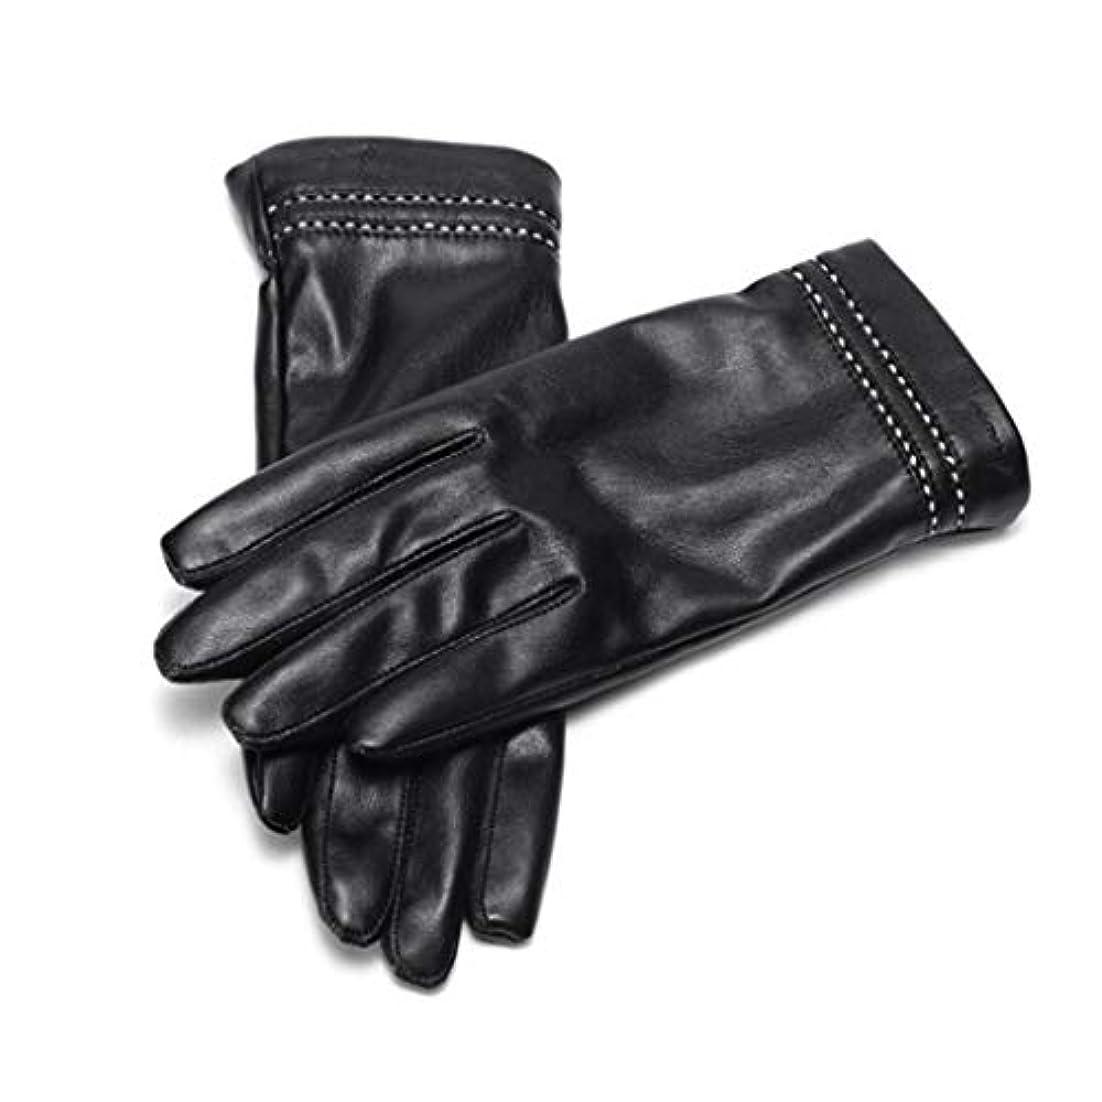 地殻スナックファイル女性の革手袋秋と冬のファッションプラスベルベット暖かい滑り止めのタッチスクリーン革手袋の女性671141003黒